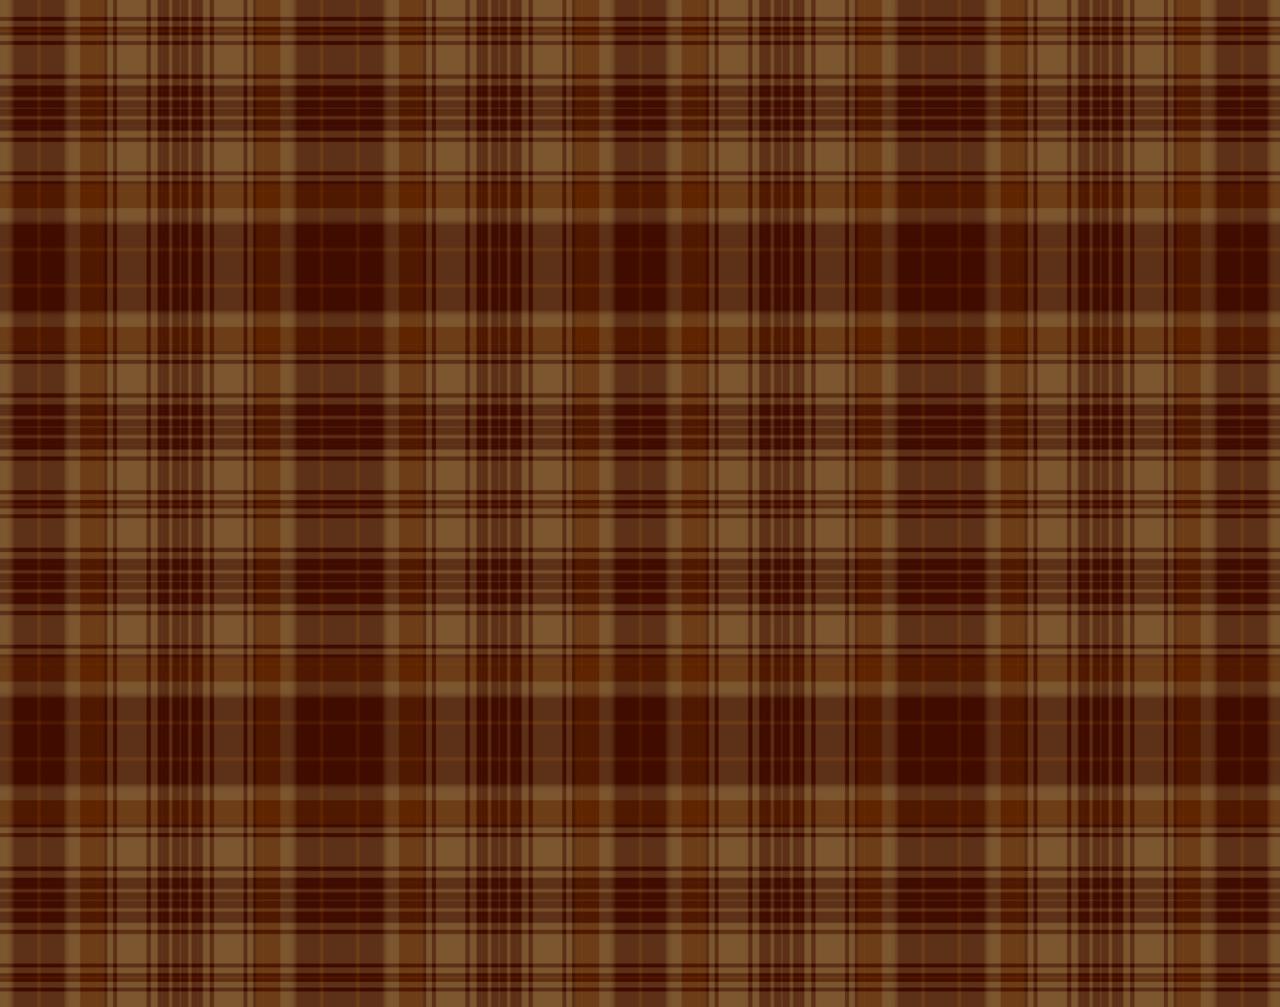 Brown Checked Wallpaper Wallpapersafari